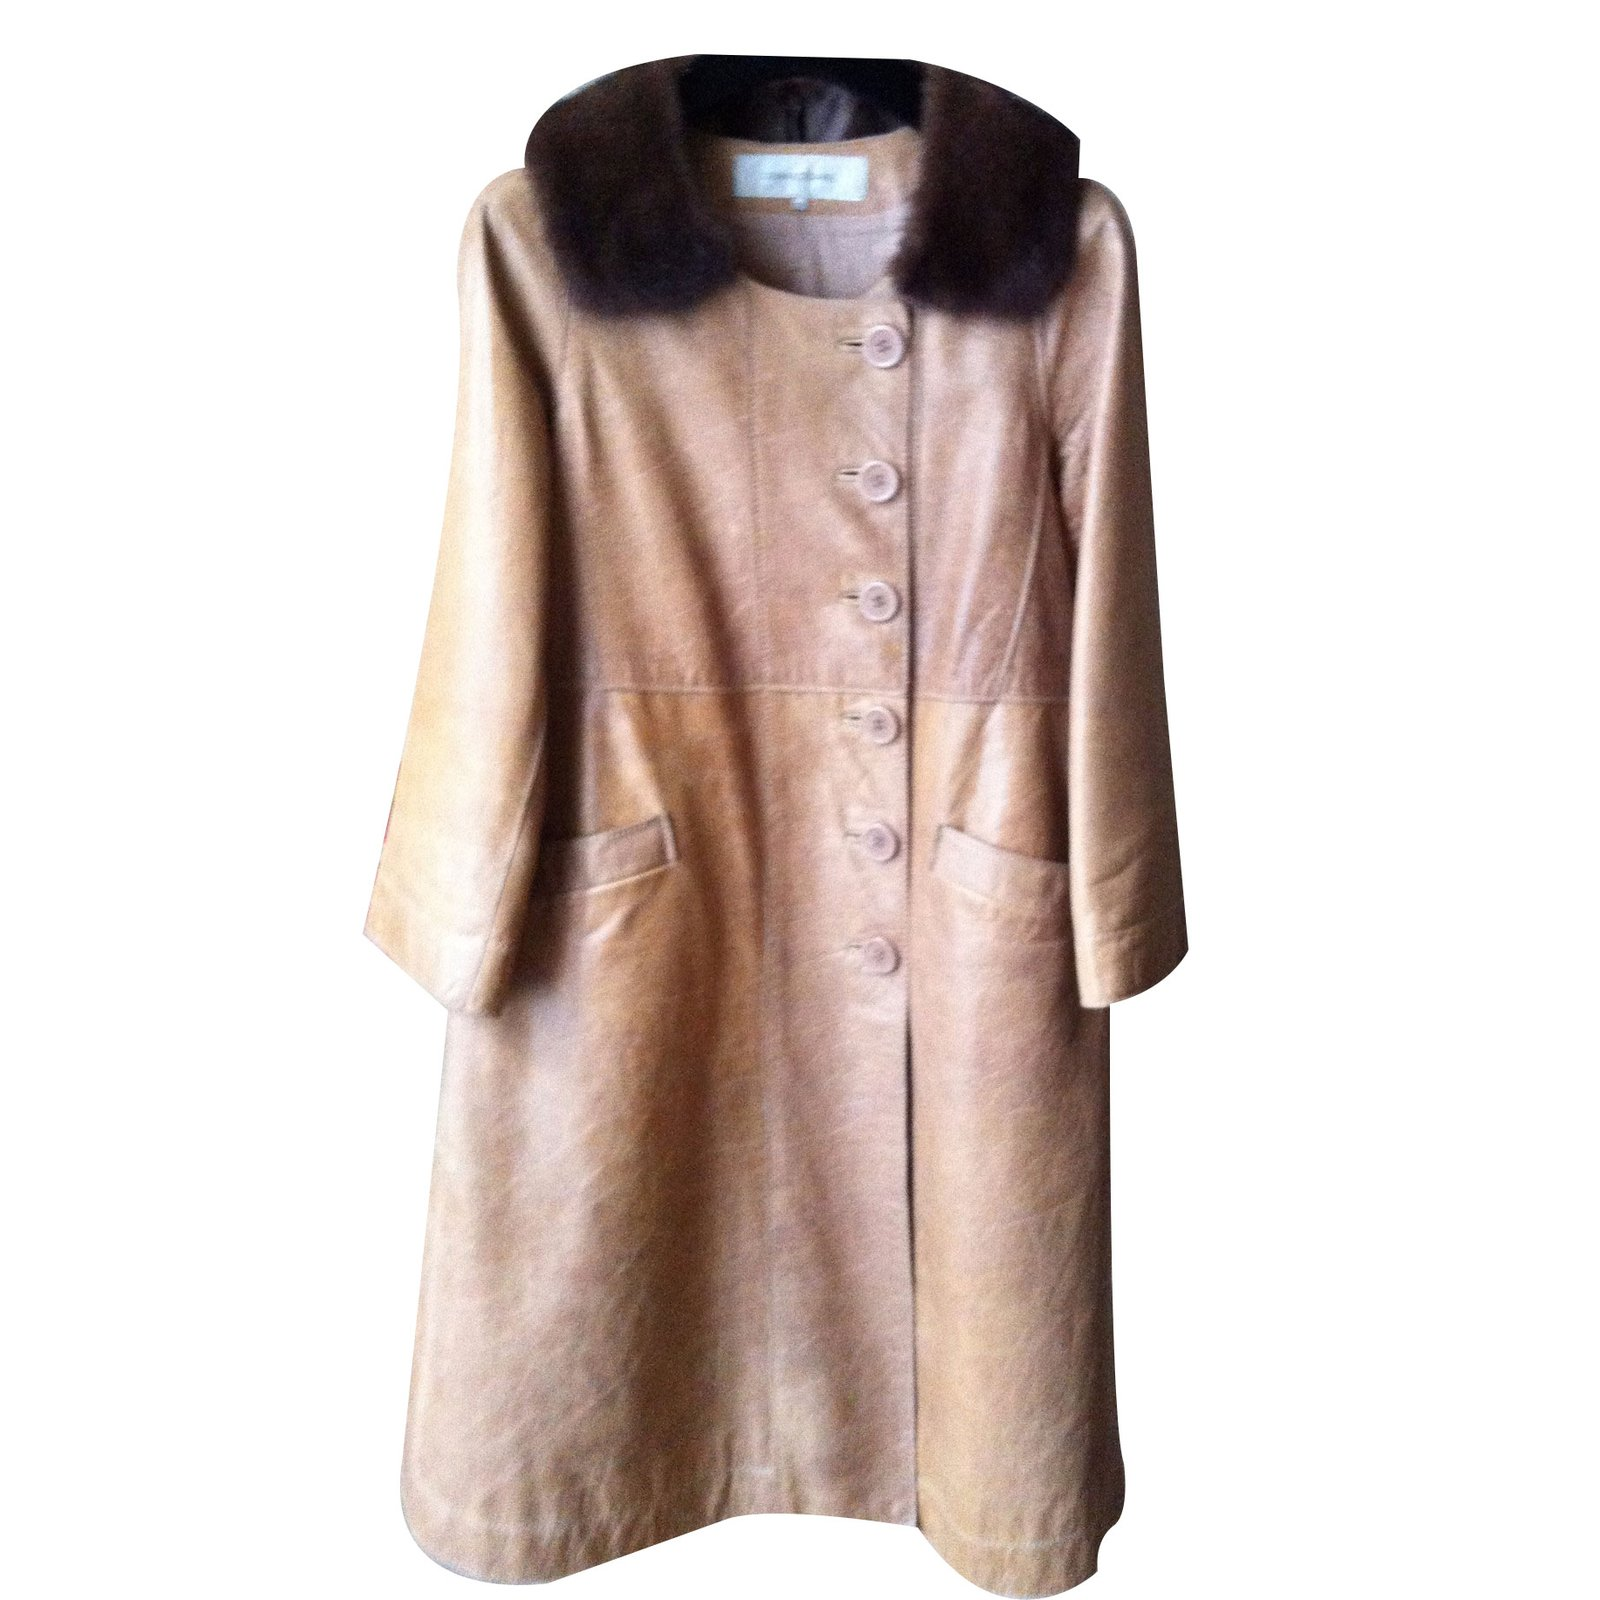 Veste en cuir courte femme pas cher